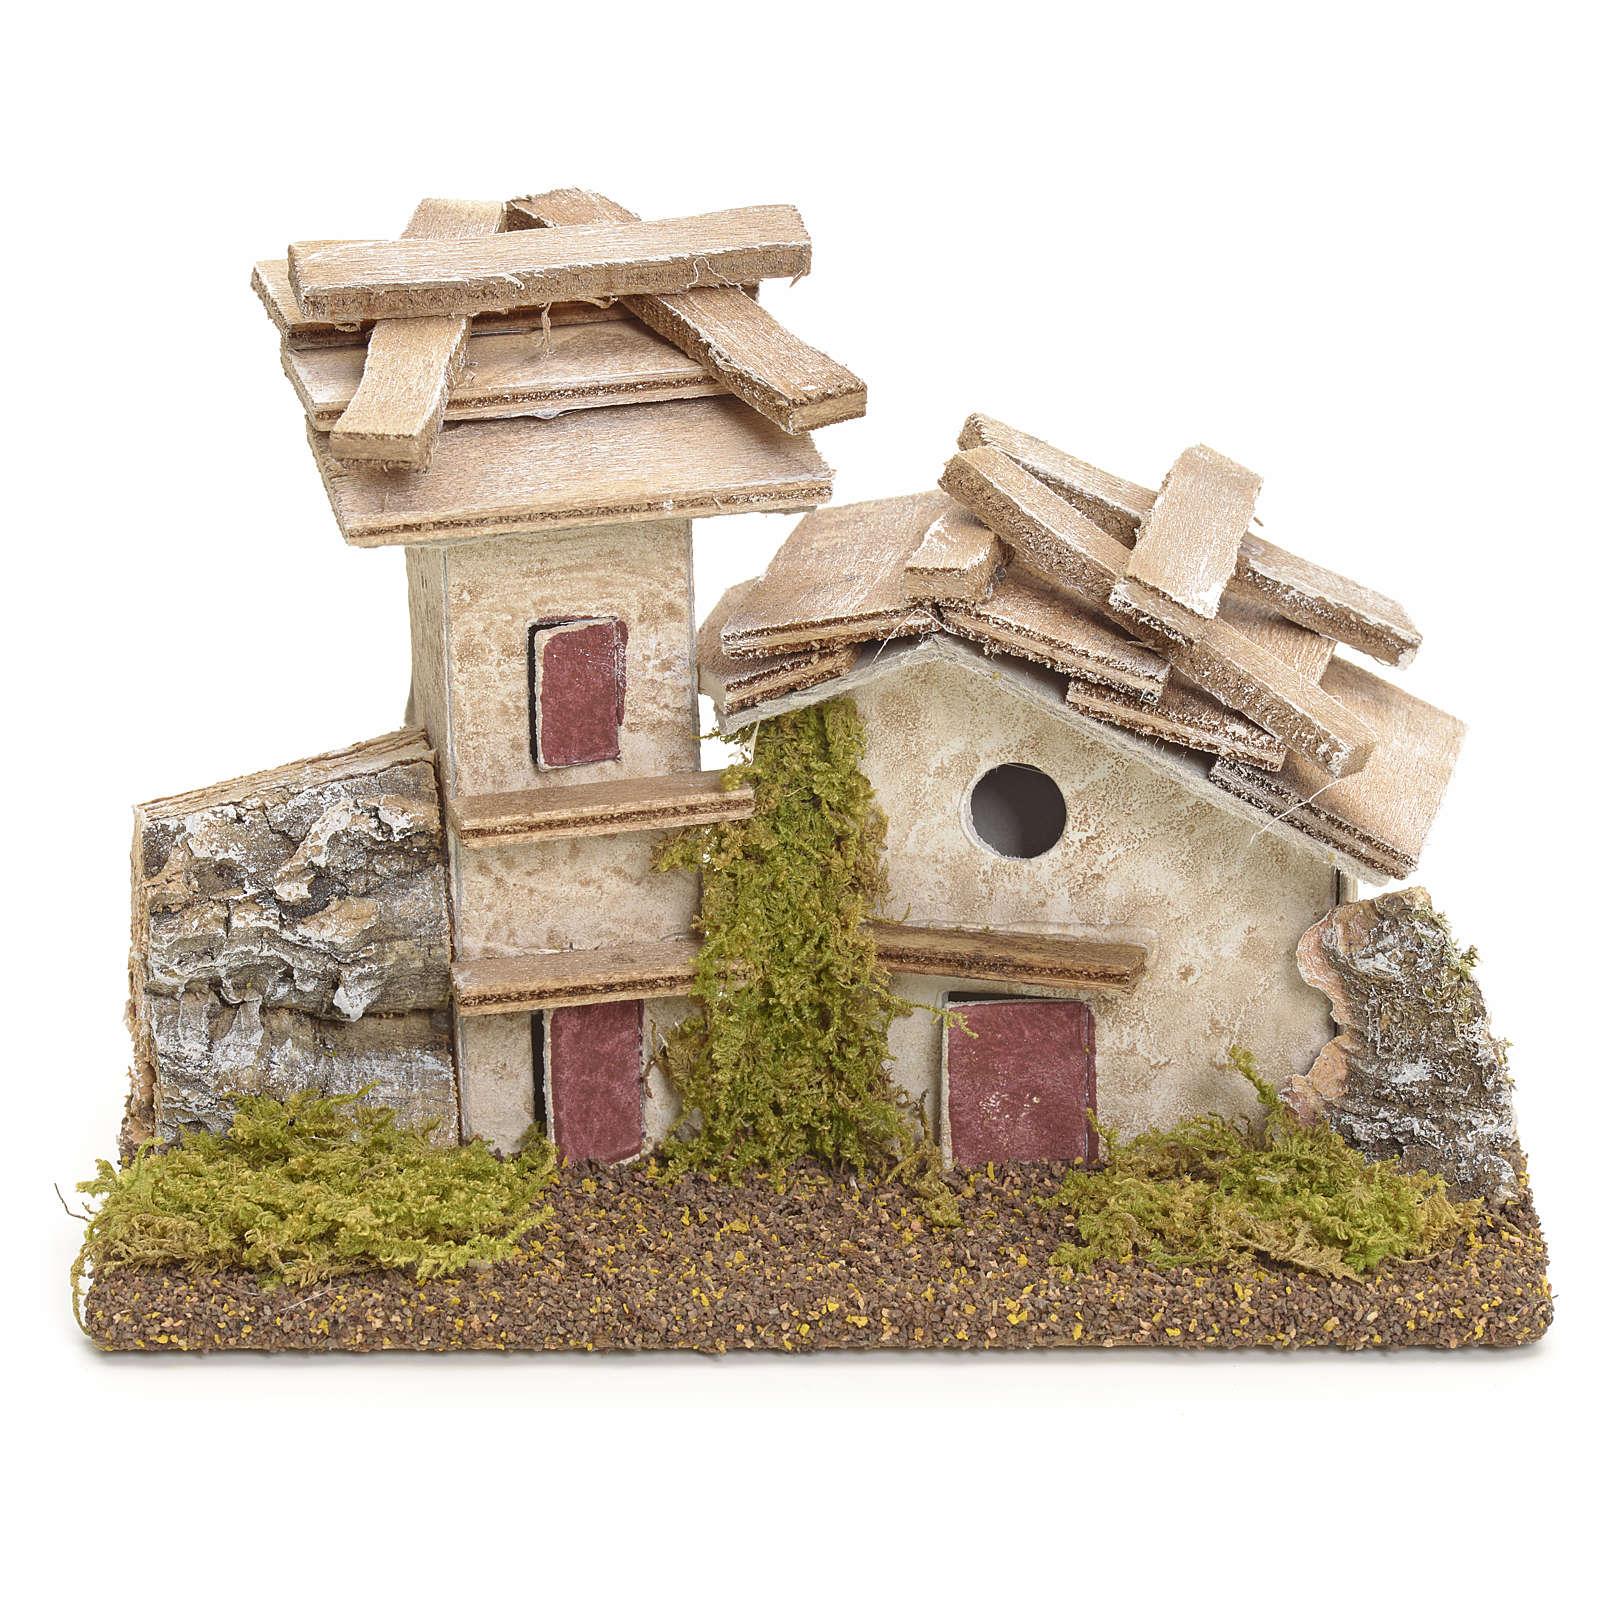 Casetta rustica presepe in legno h 11 cm 4